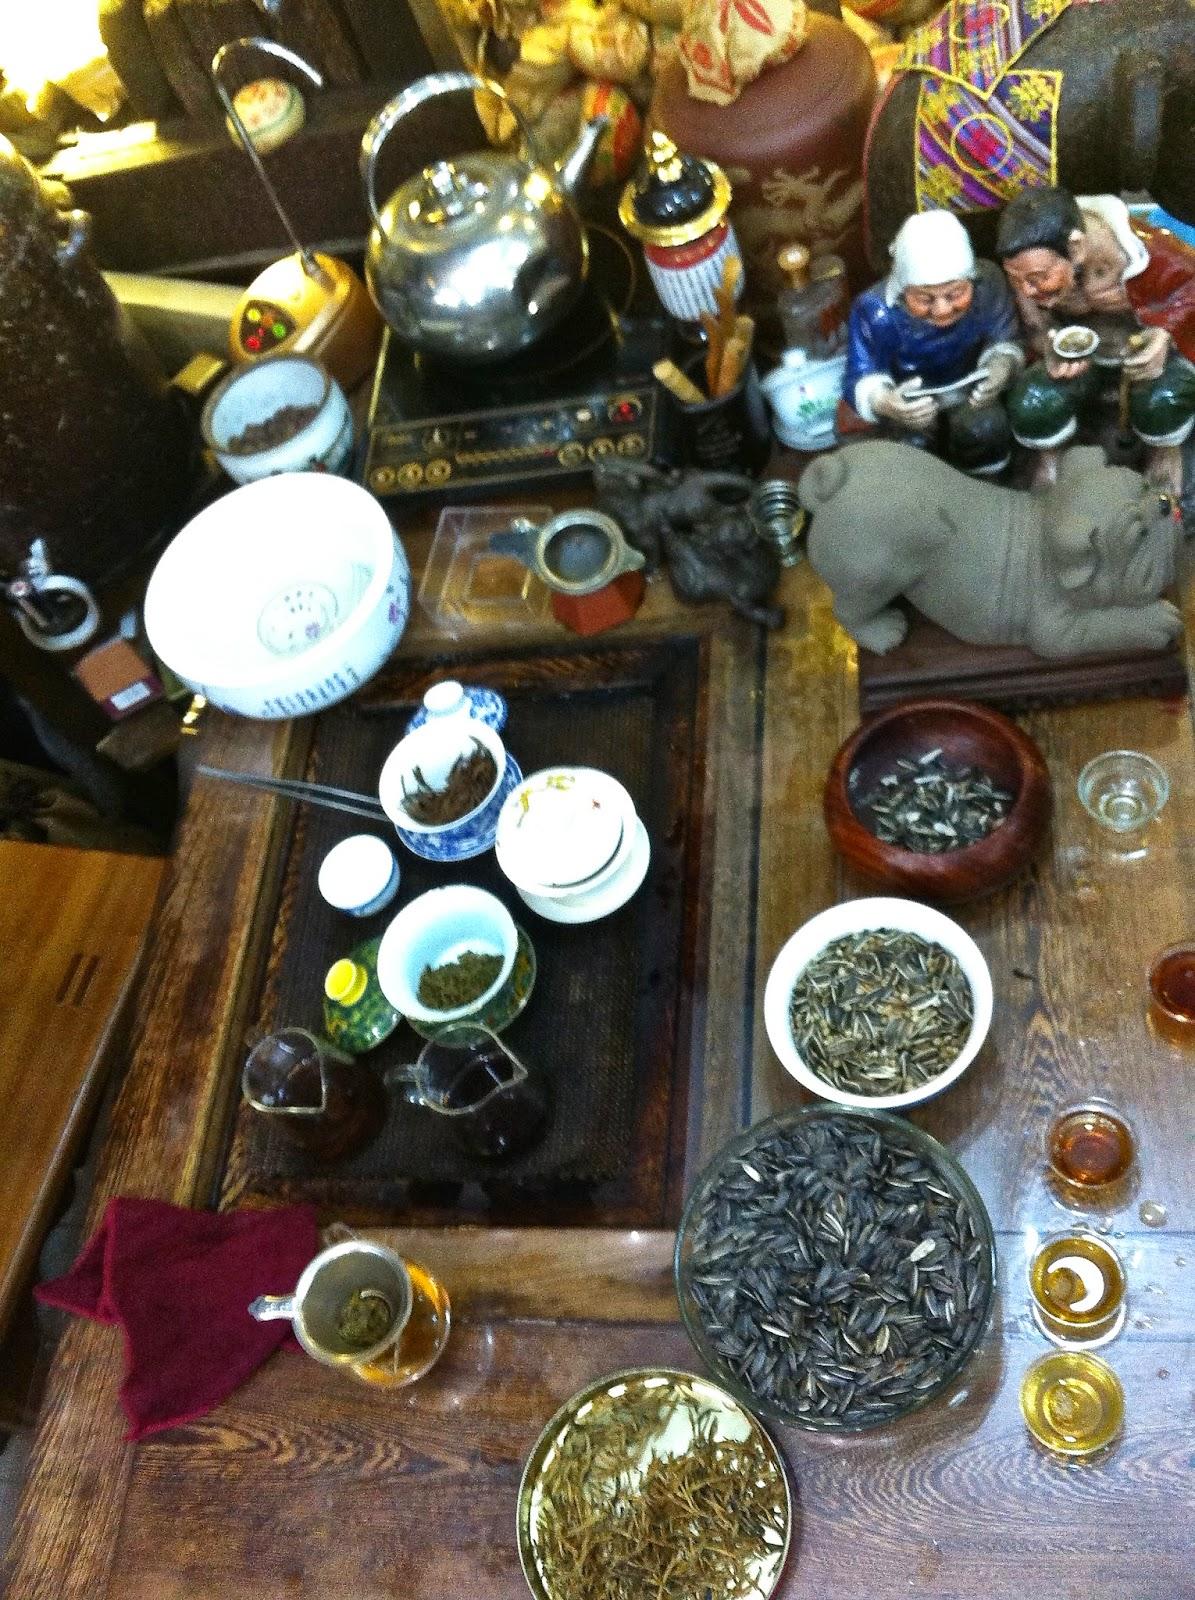 The tea tasting set-up